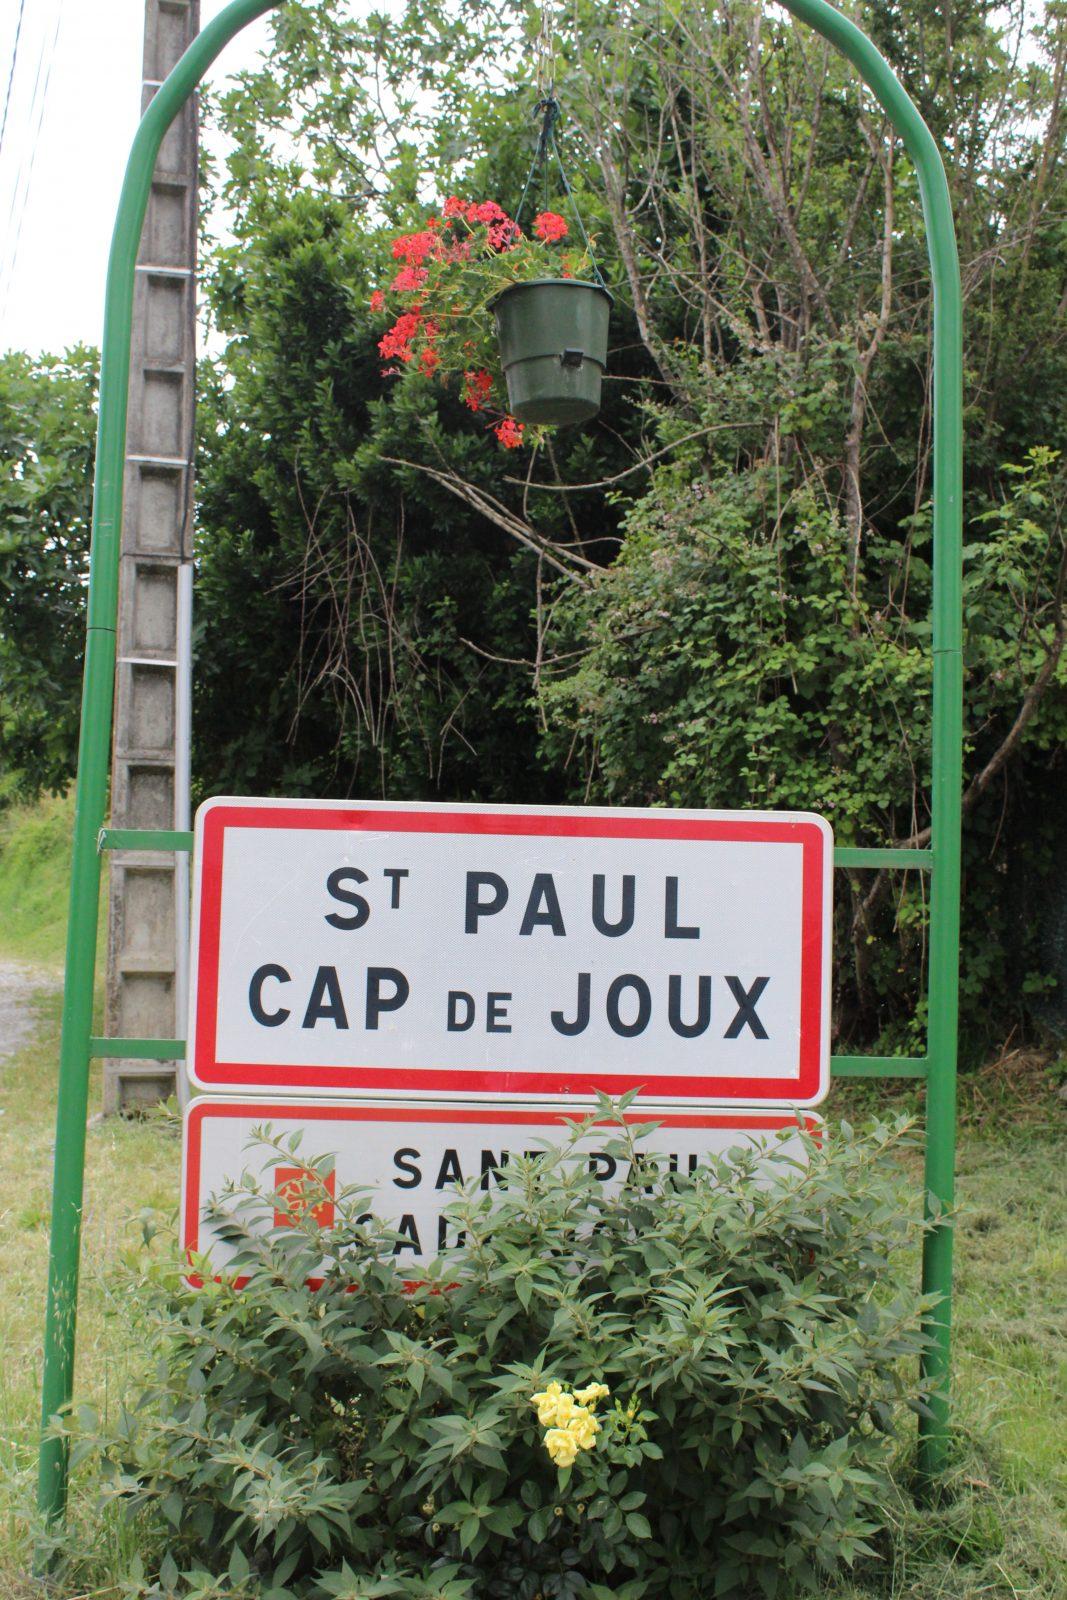 ST PAUL CAP DE JOUX